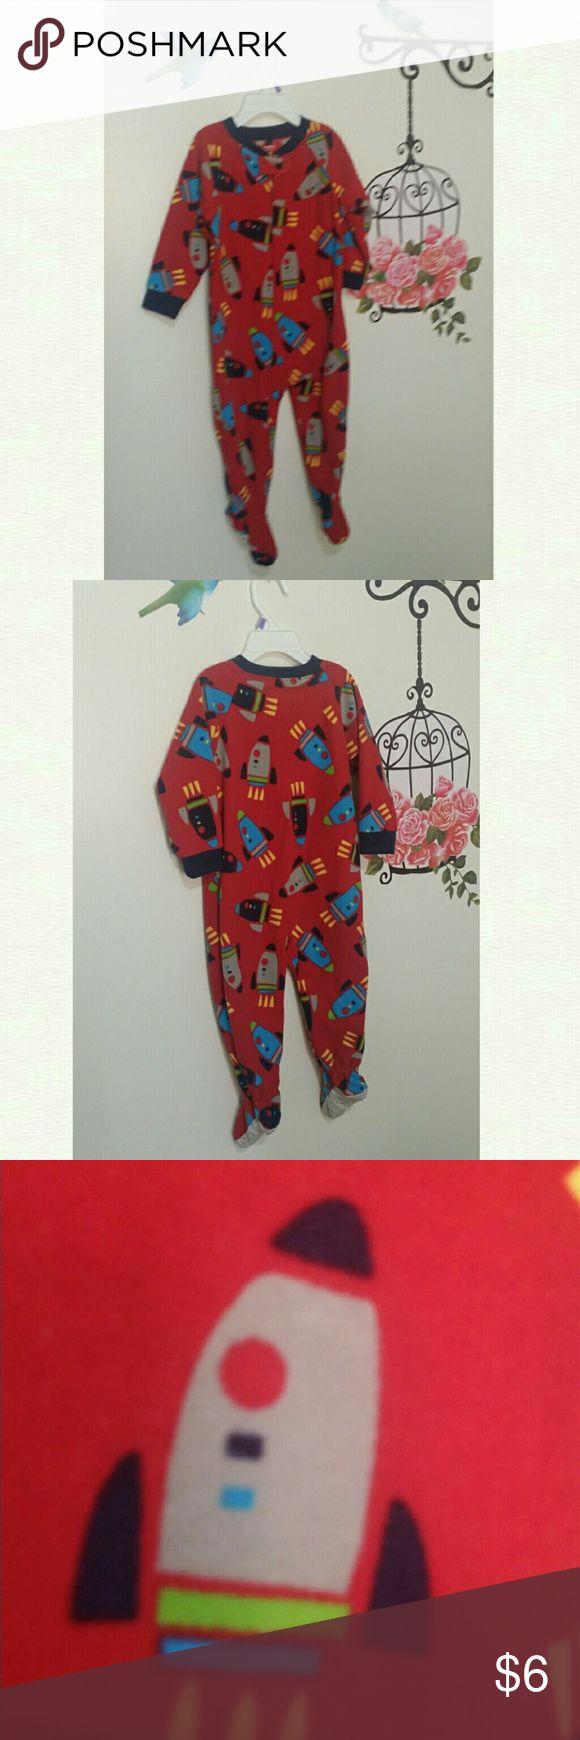 Boys pjs Baby boys warm pajamas Pajamas Sleep Sacks